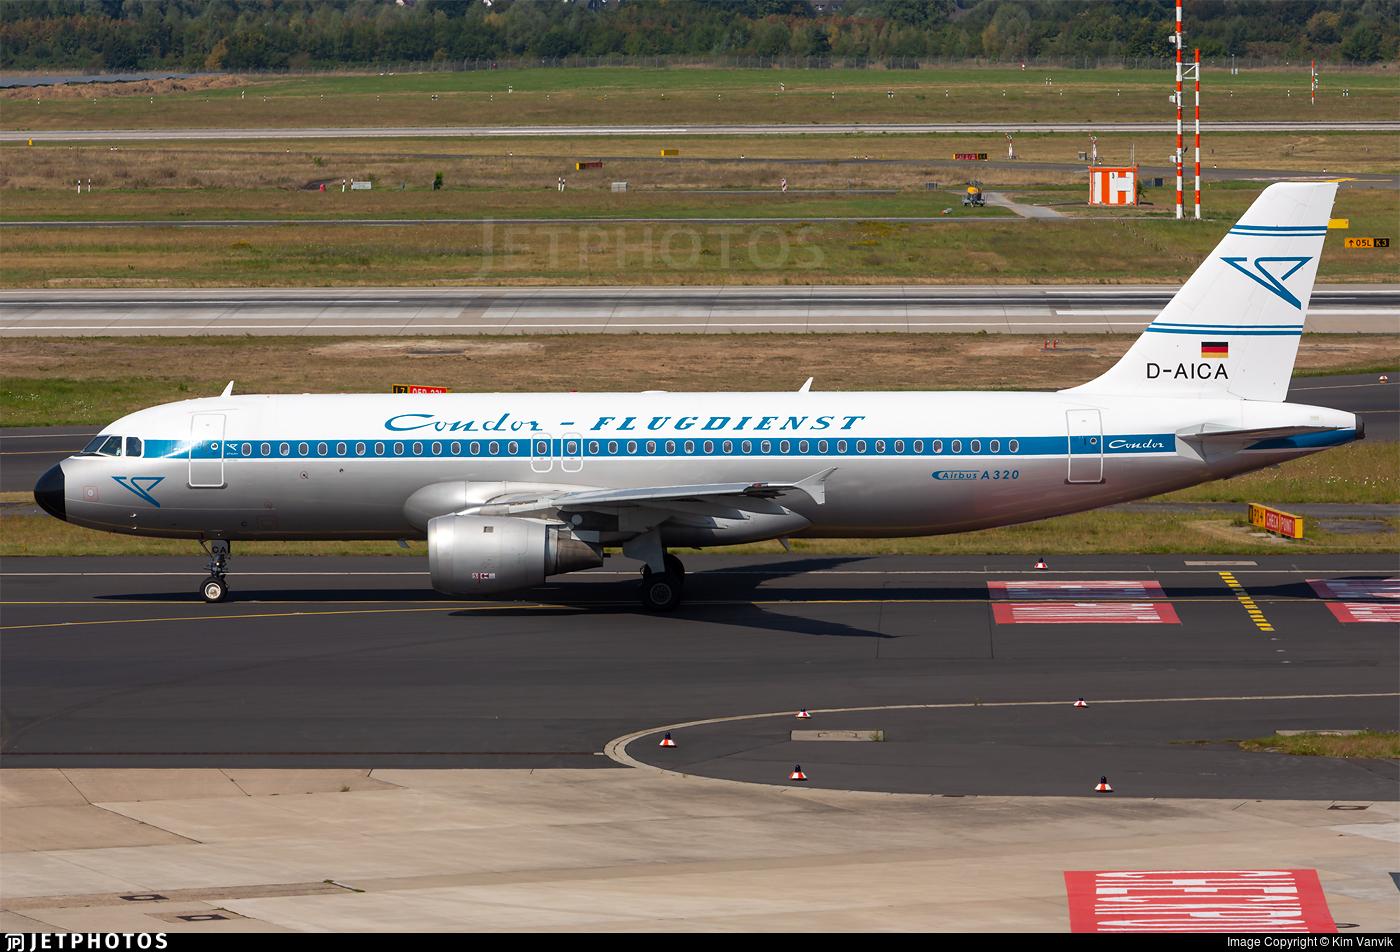 D-AICA - Airbus A320-212 - Lufthansa